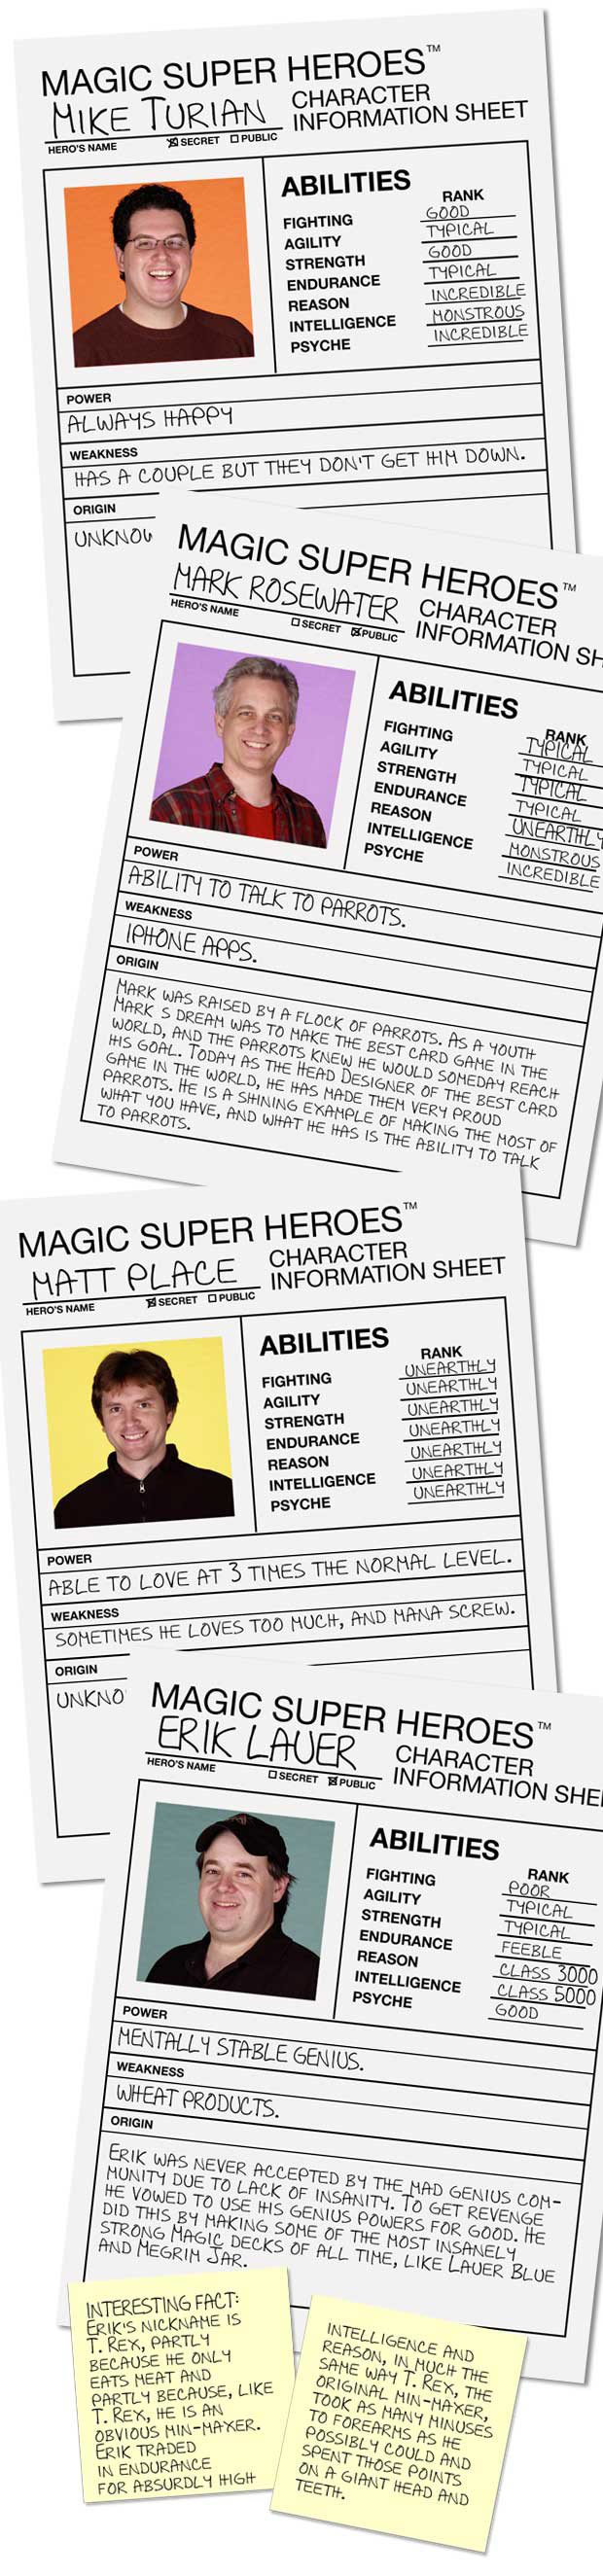 Character sheets!